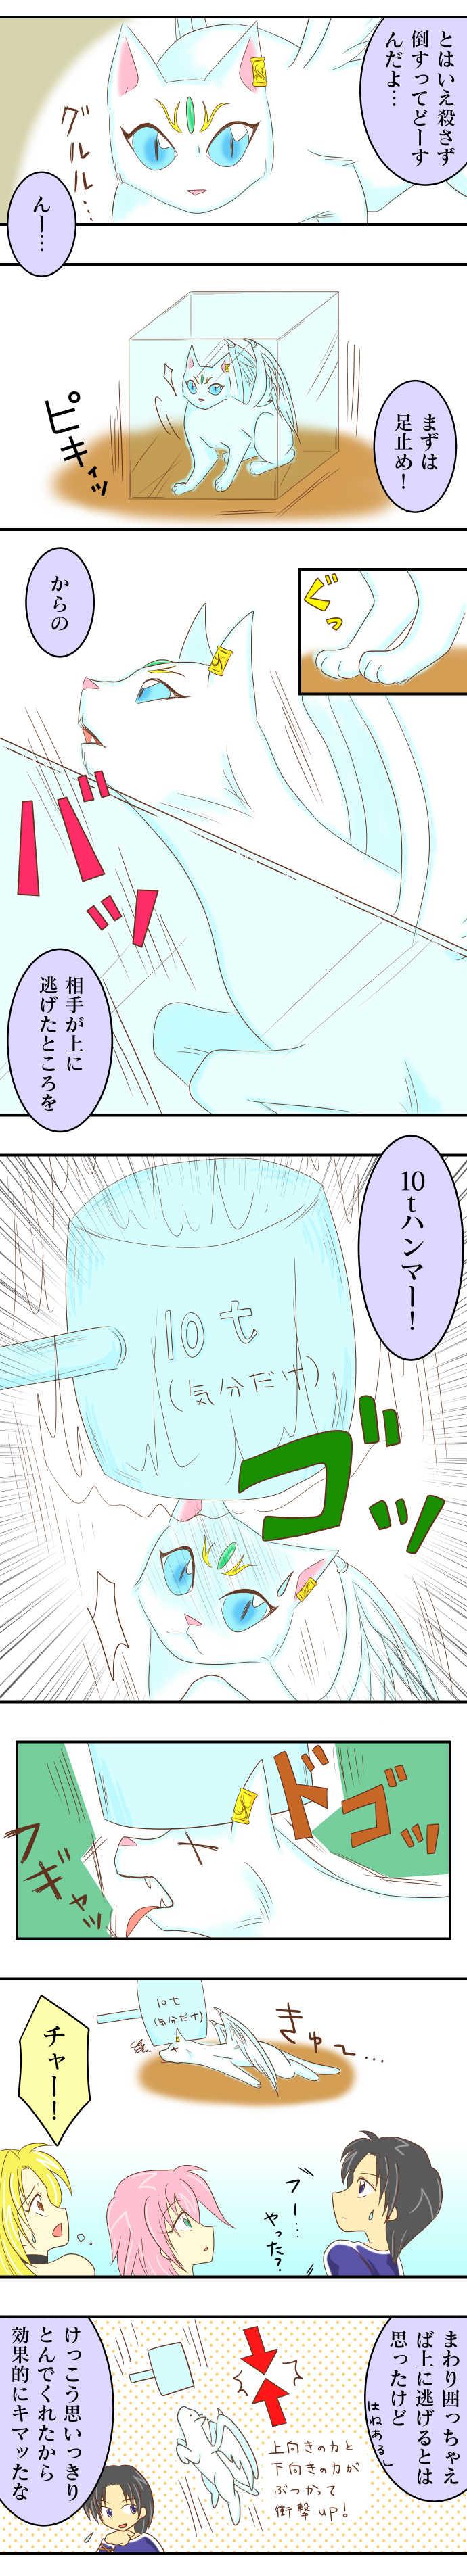 8.2度目のバトル